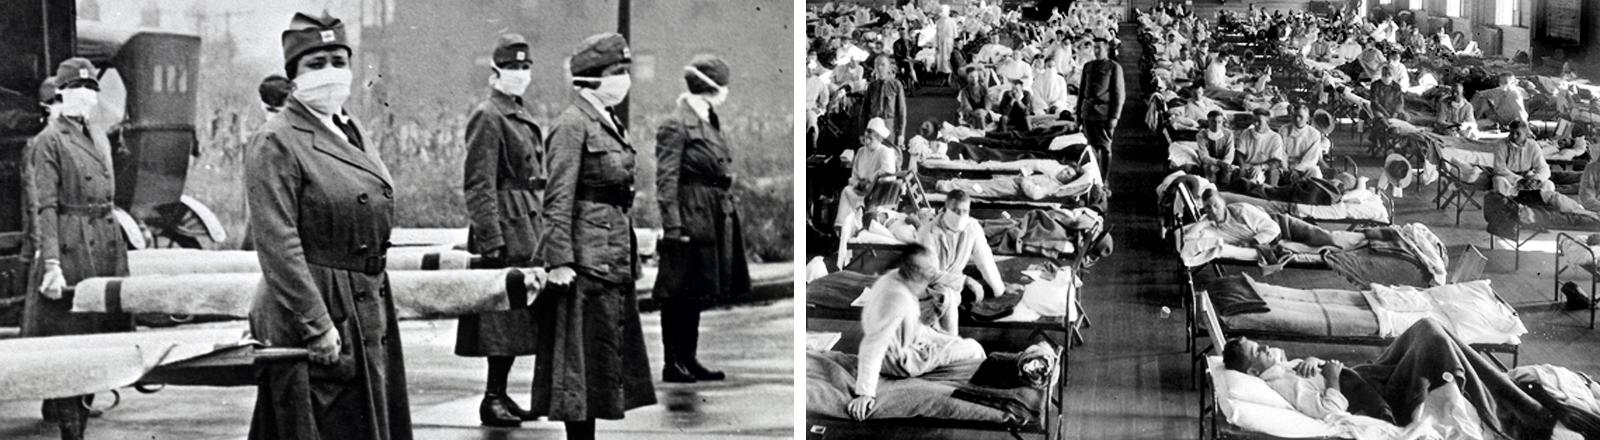 Rot-Kreuz-Krankenschwestern mit Mundschutz und Baren während der Spanischen Grippe in St. Louis Missouri. | Patienten, die an der Spanischen Grippe erkrankt sind, liegen in Betten eines Notfallkrankenhauses im Camp Funston der Militärbasis Fort Riley, Kansas.